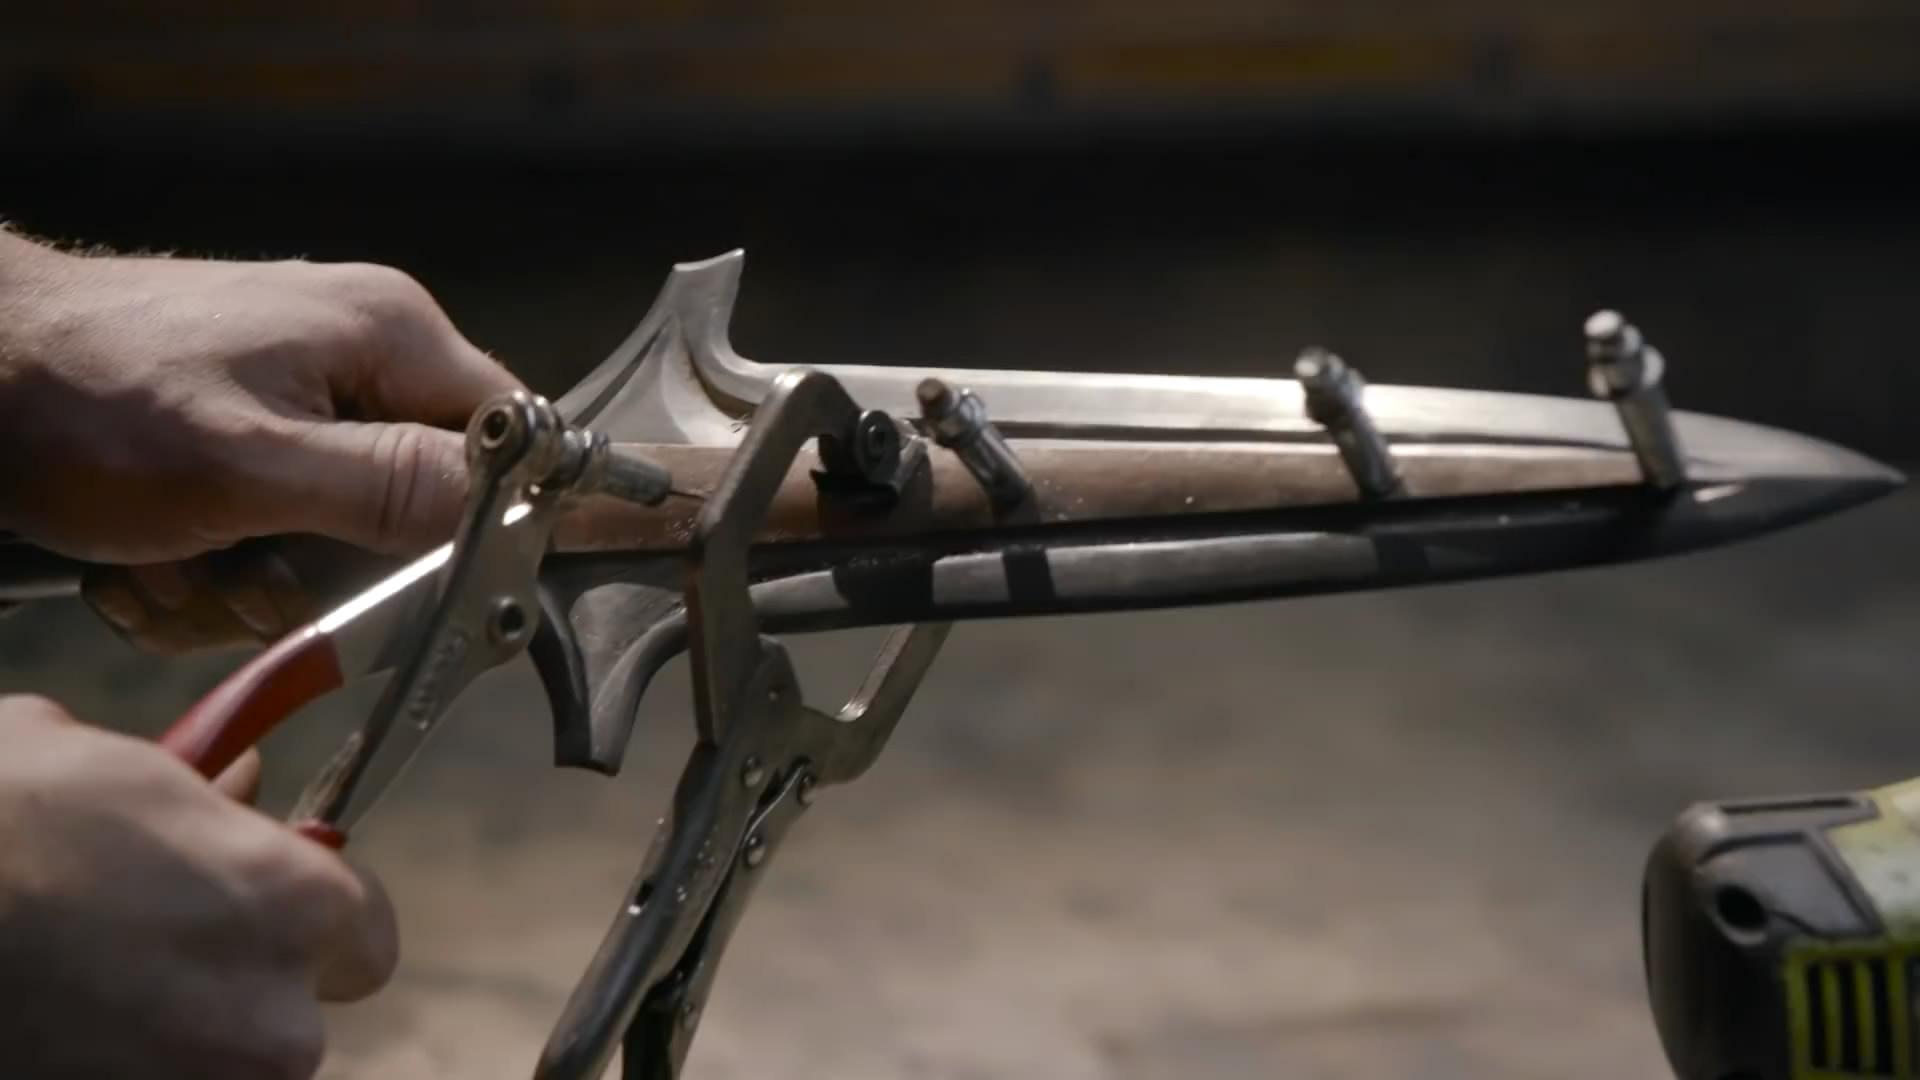 砍瓜切菜 武器人间打造《刺客信条:奥德赛》武器